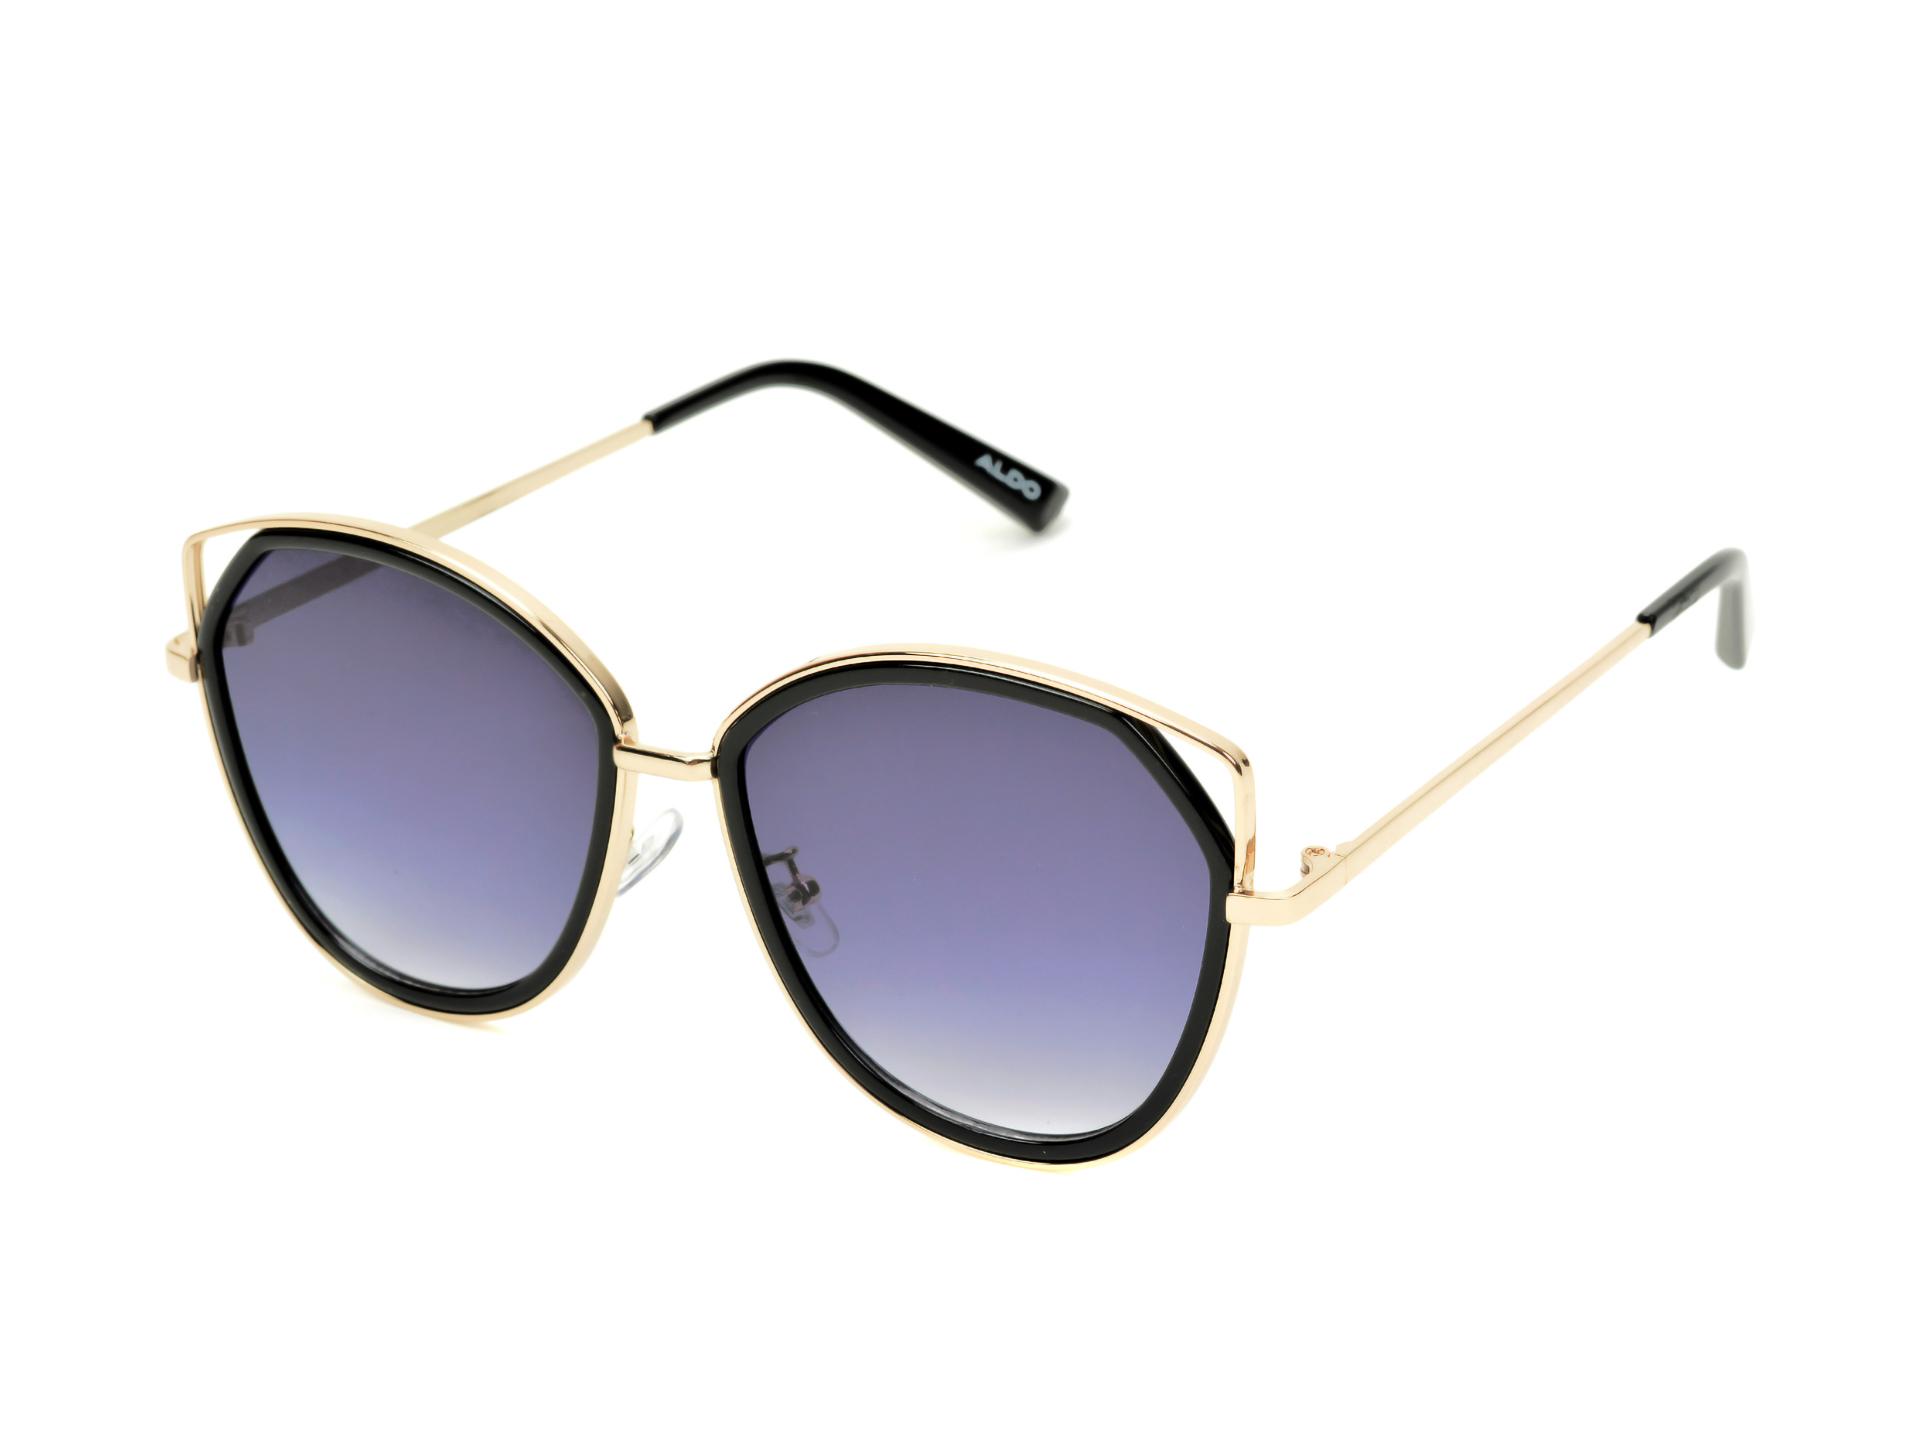 Ochelari de soare ALDO negri, Stercorea970, din PVC imagine